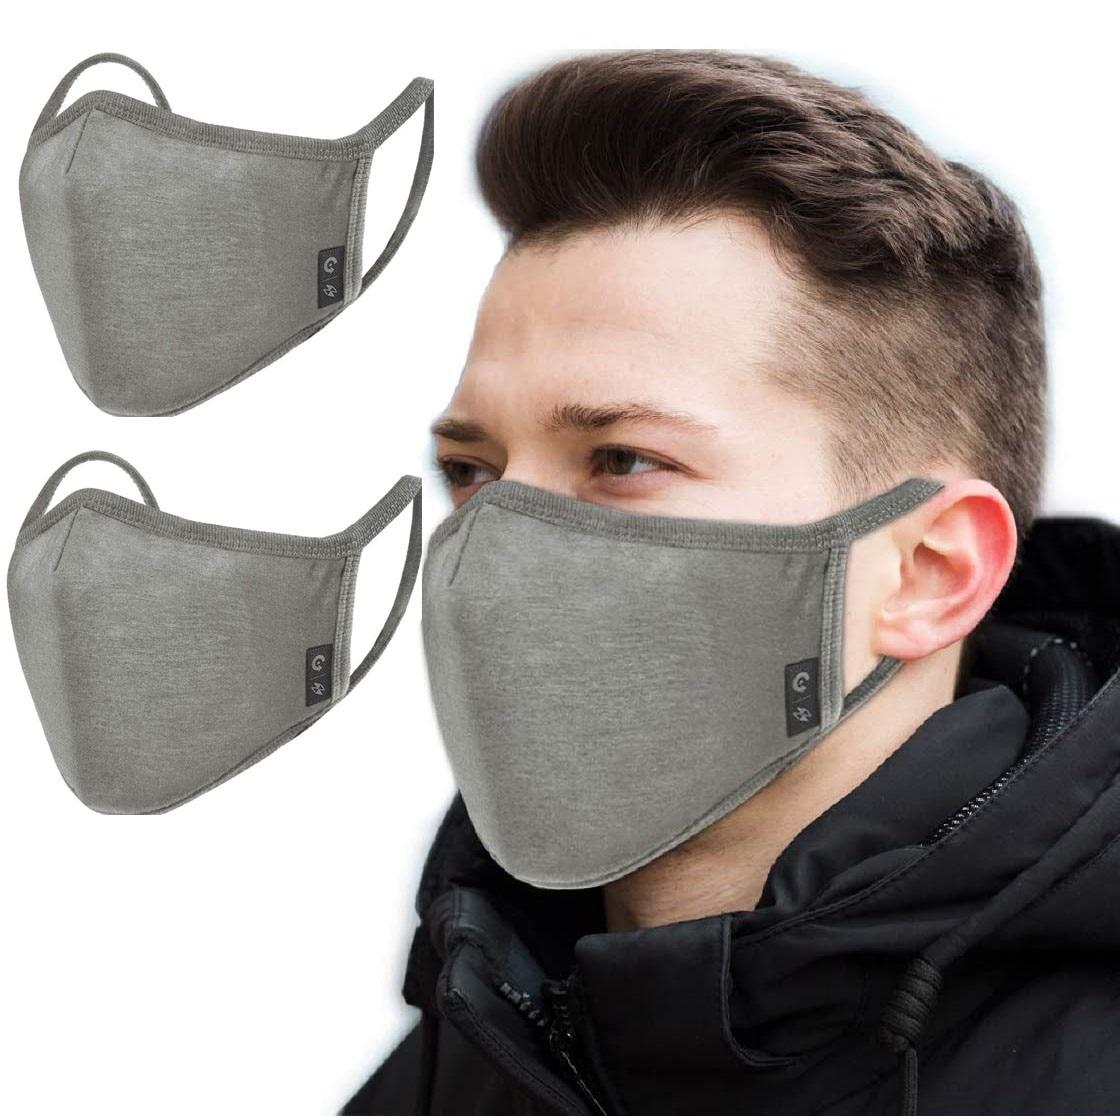 Комплект из 2 предметов для взрослых Для мужчин хлопковая маска для губ моющиеся 3 слоя маска для лица для Защитная рот Кепки многоразовые ...